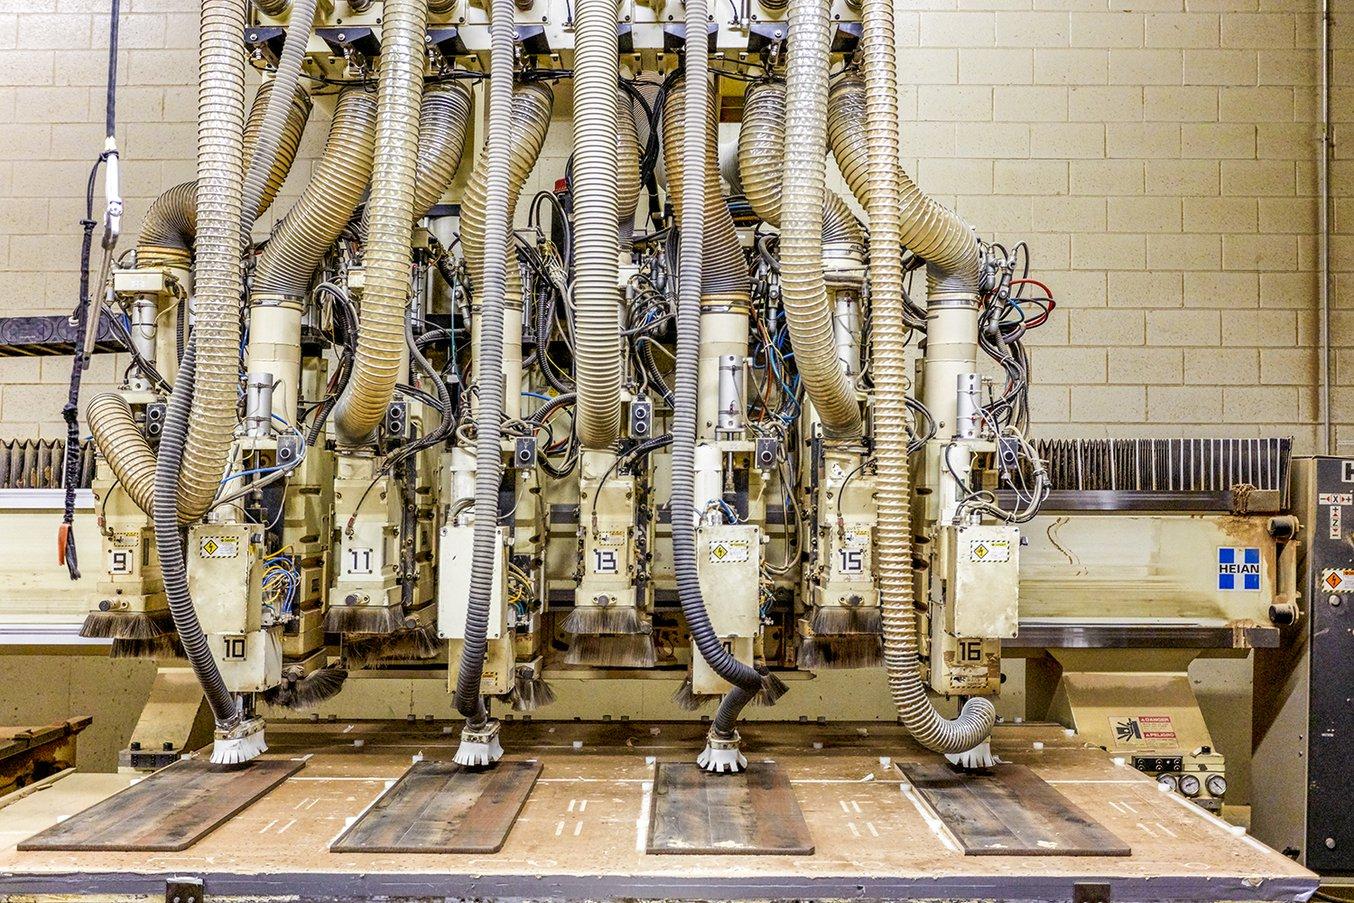 Centinaia di perni di allineamento stampati in Durable Resin sono in servizio sulle fresatrici CNC nella fabbrica di Ashley Furniture di Arcadia.